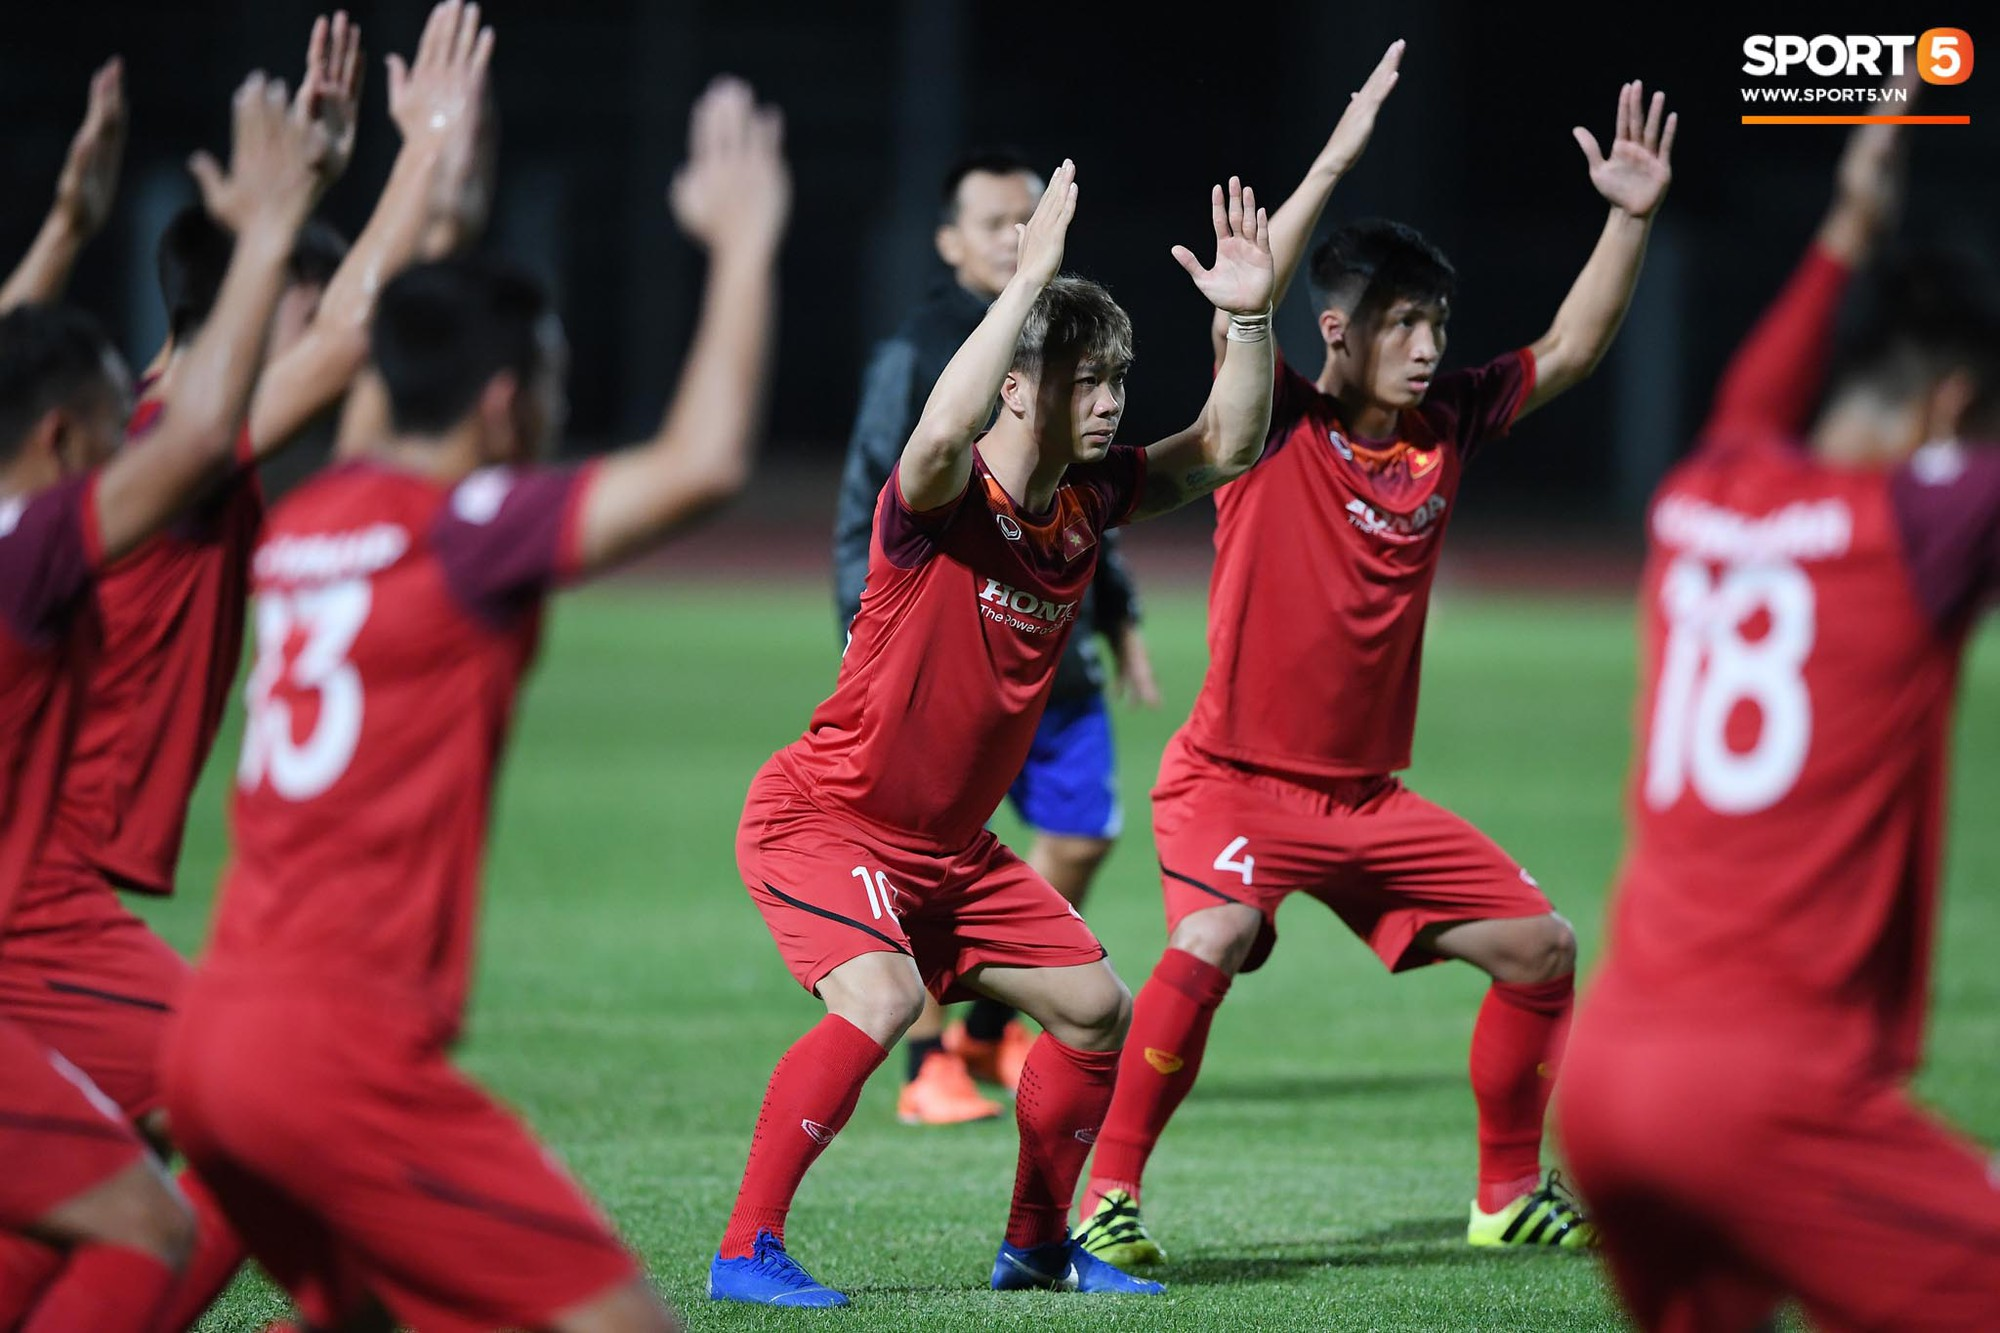 Lịch thi đấu King's Cup 2019: Tuyển Việt Nam chạm trán Thái Lan hôm nay - Ảnh 2.